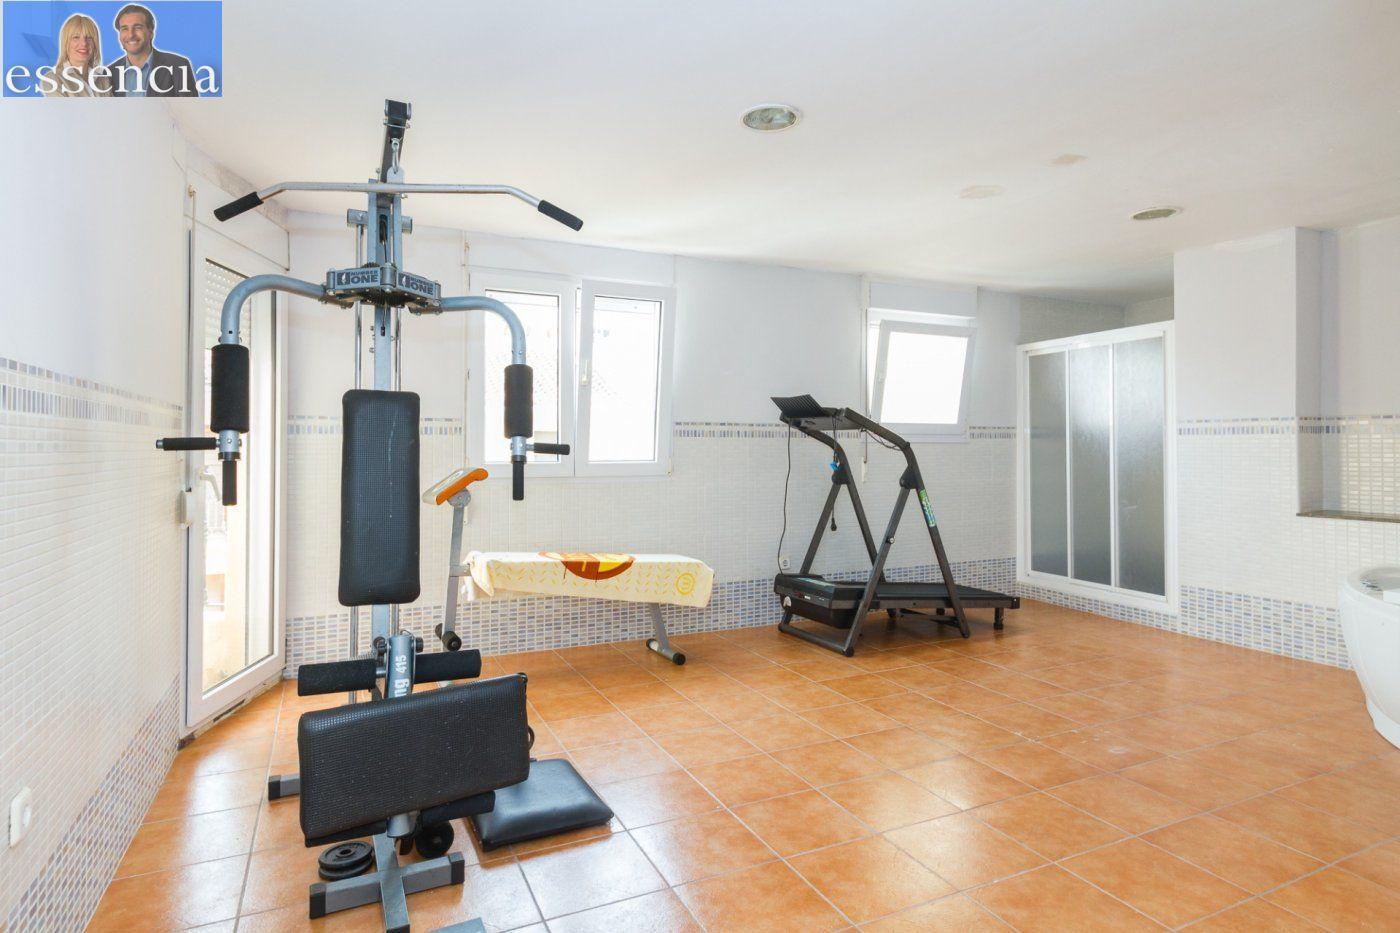 Casa con encanto en el centro de gandÍa para clientes vip - imagenInmueble27